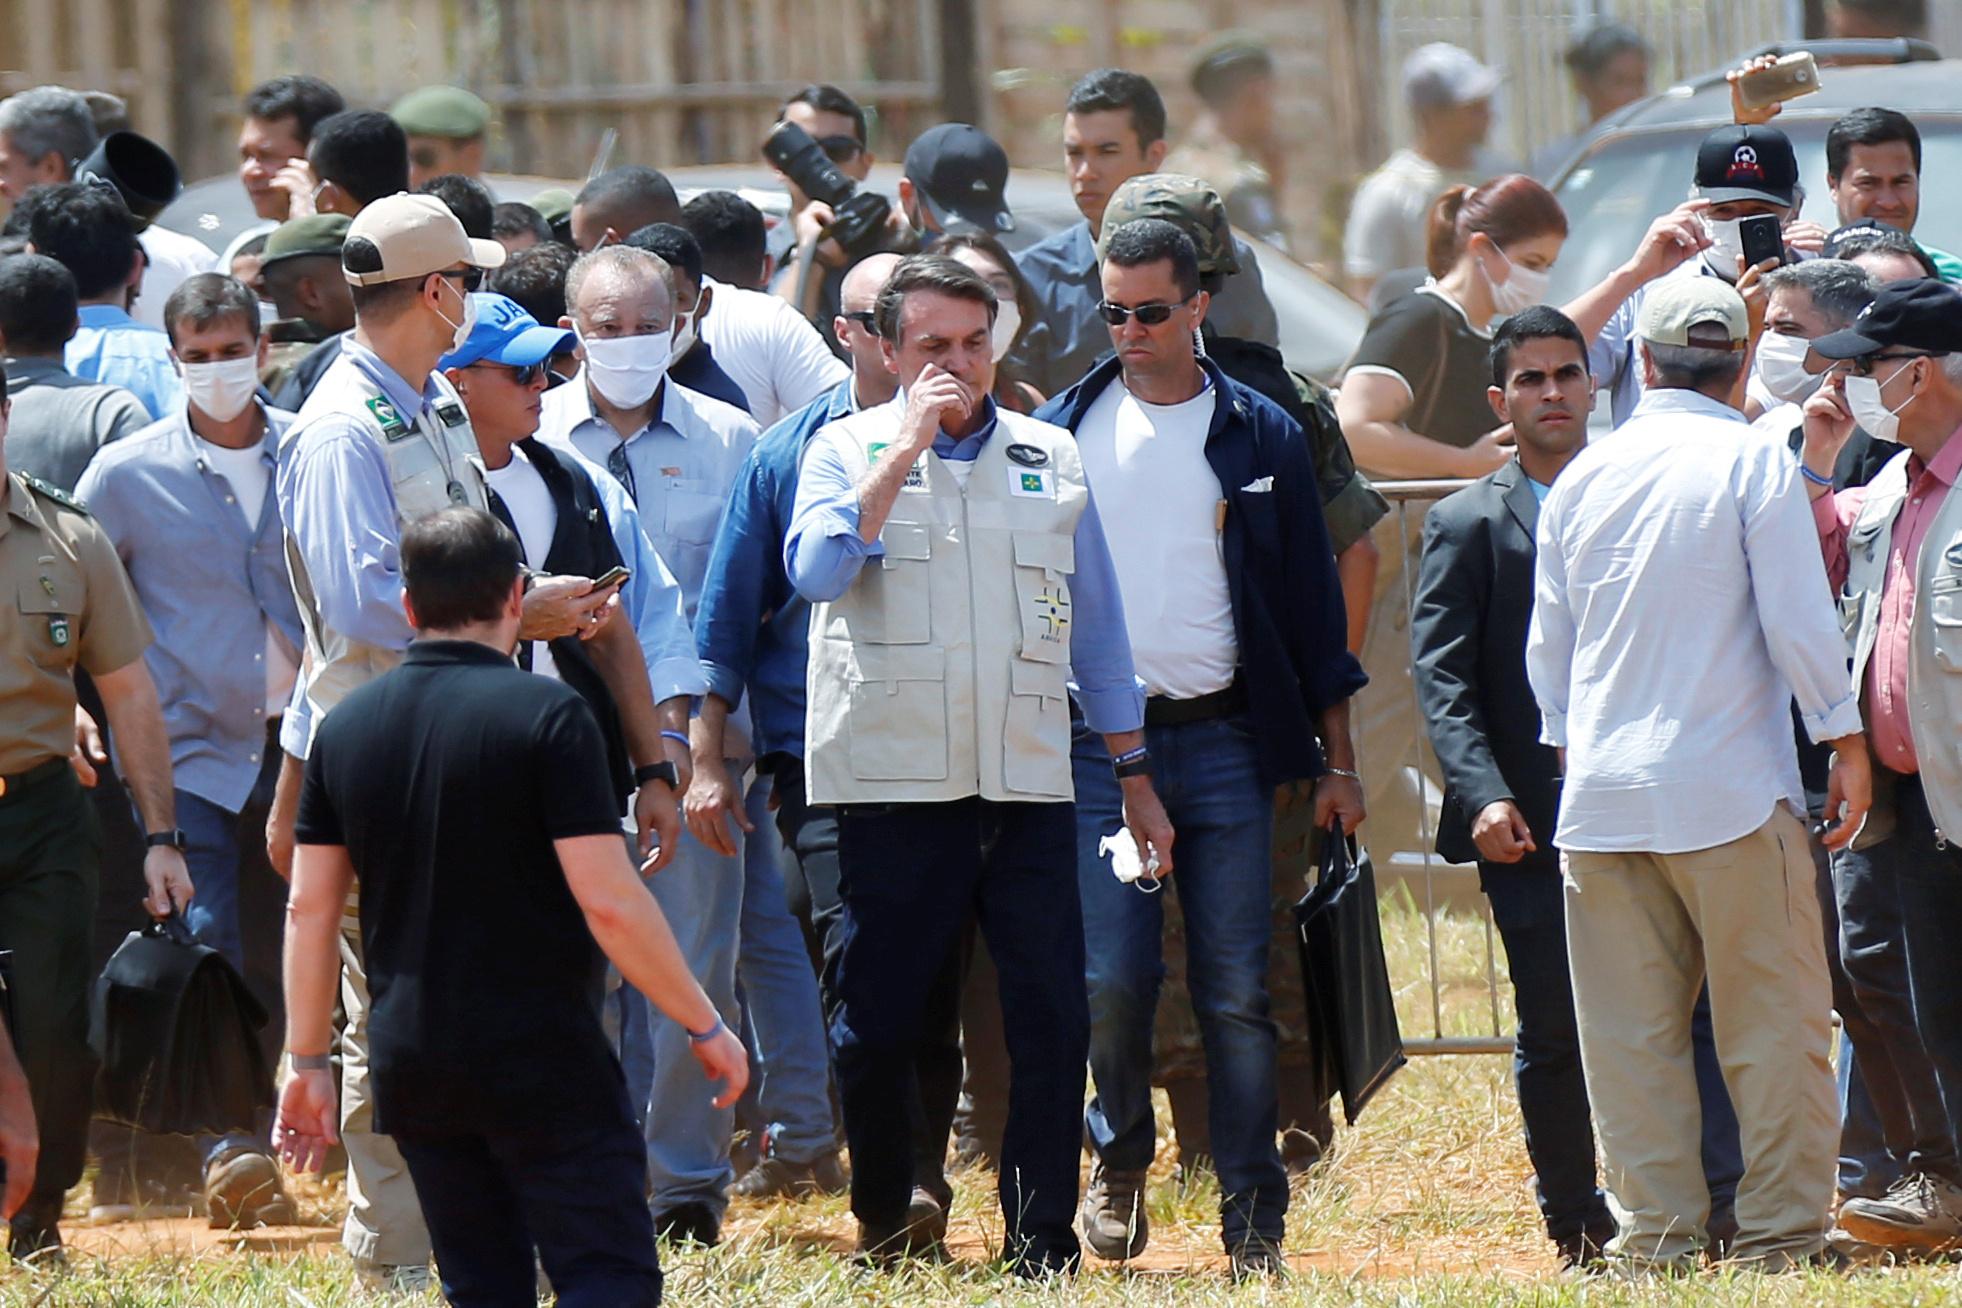 Bolsonaro visitando un hospital provisorio en Aguas Lindas, Goias, sin máscara facial, durante el brote de coronavirus en Brasil REUTERS/Adriano Machado